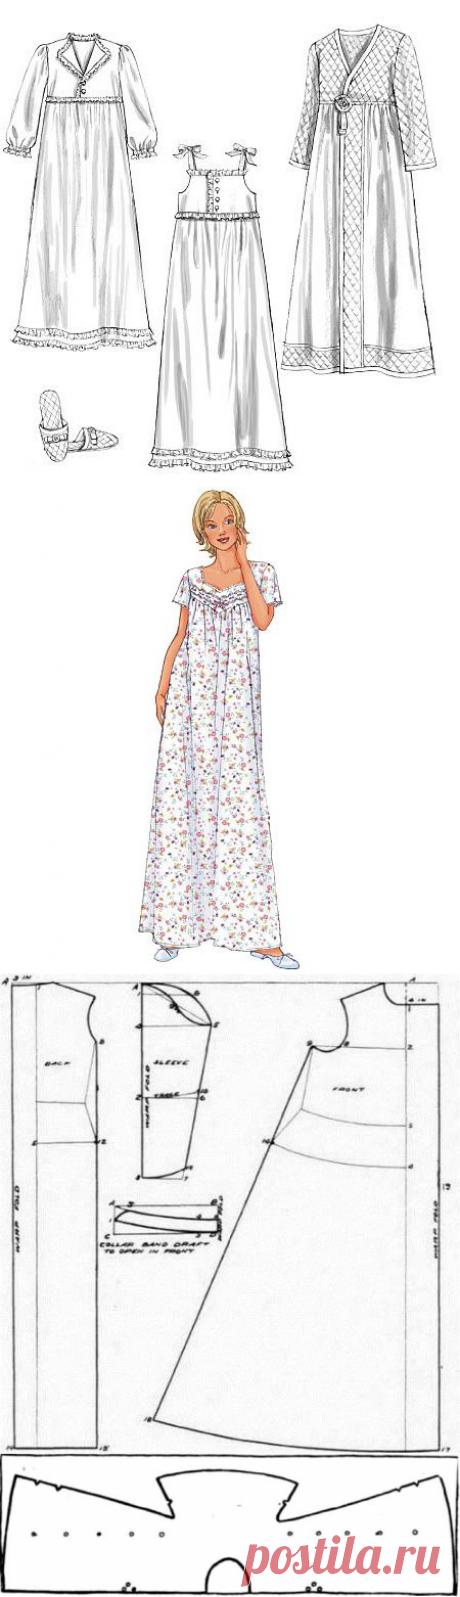 Выкройки ночных сорочек для женщин :: SYL.ru